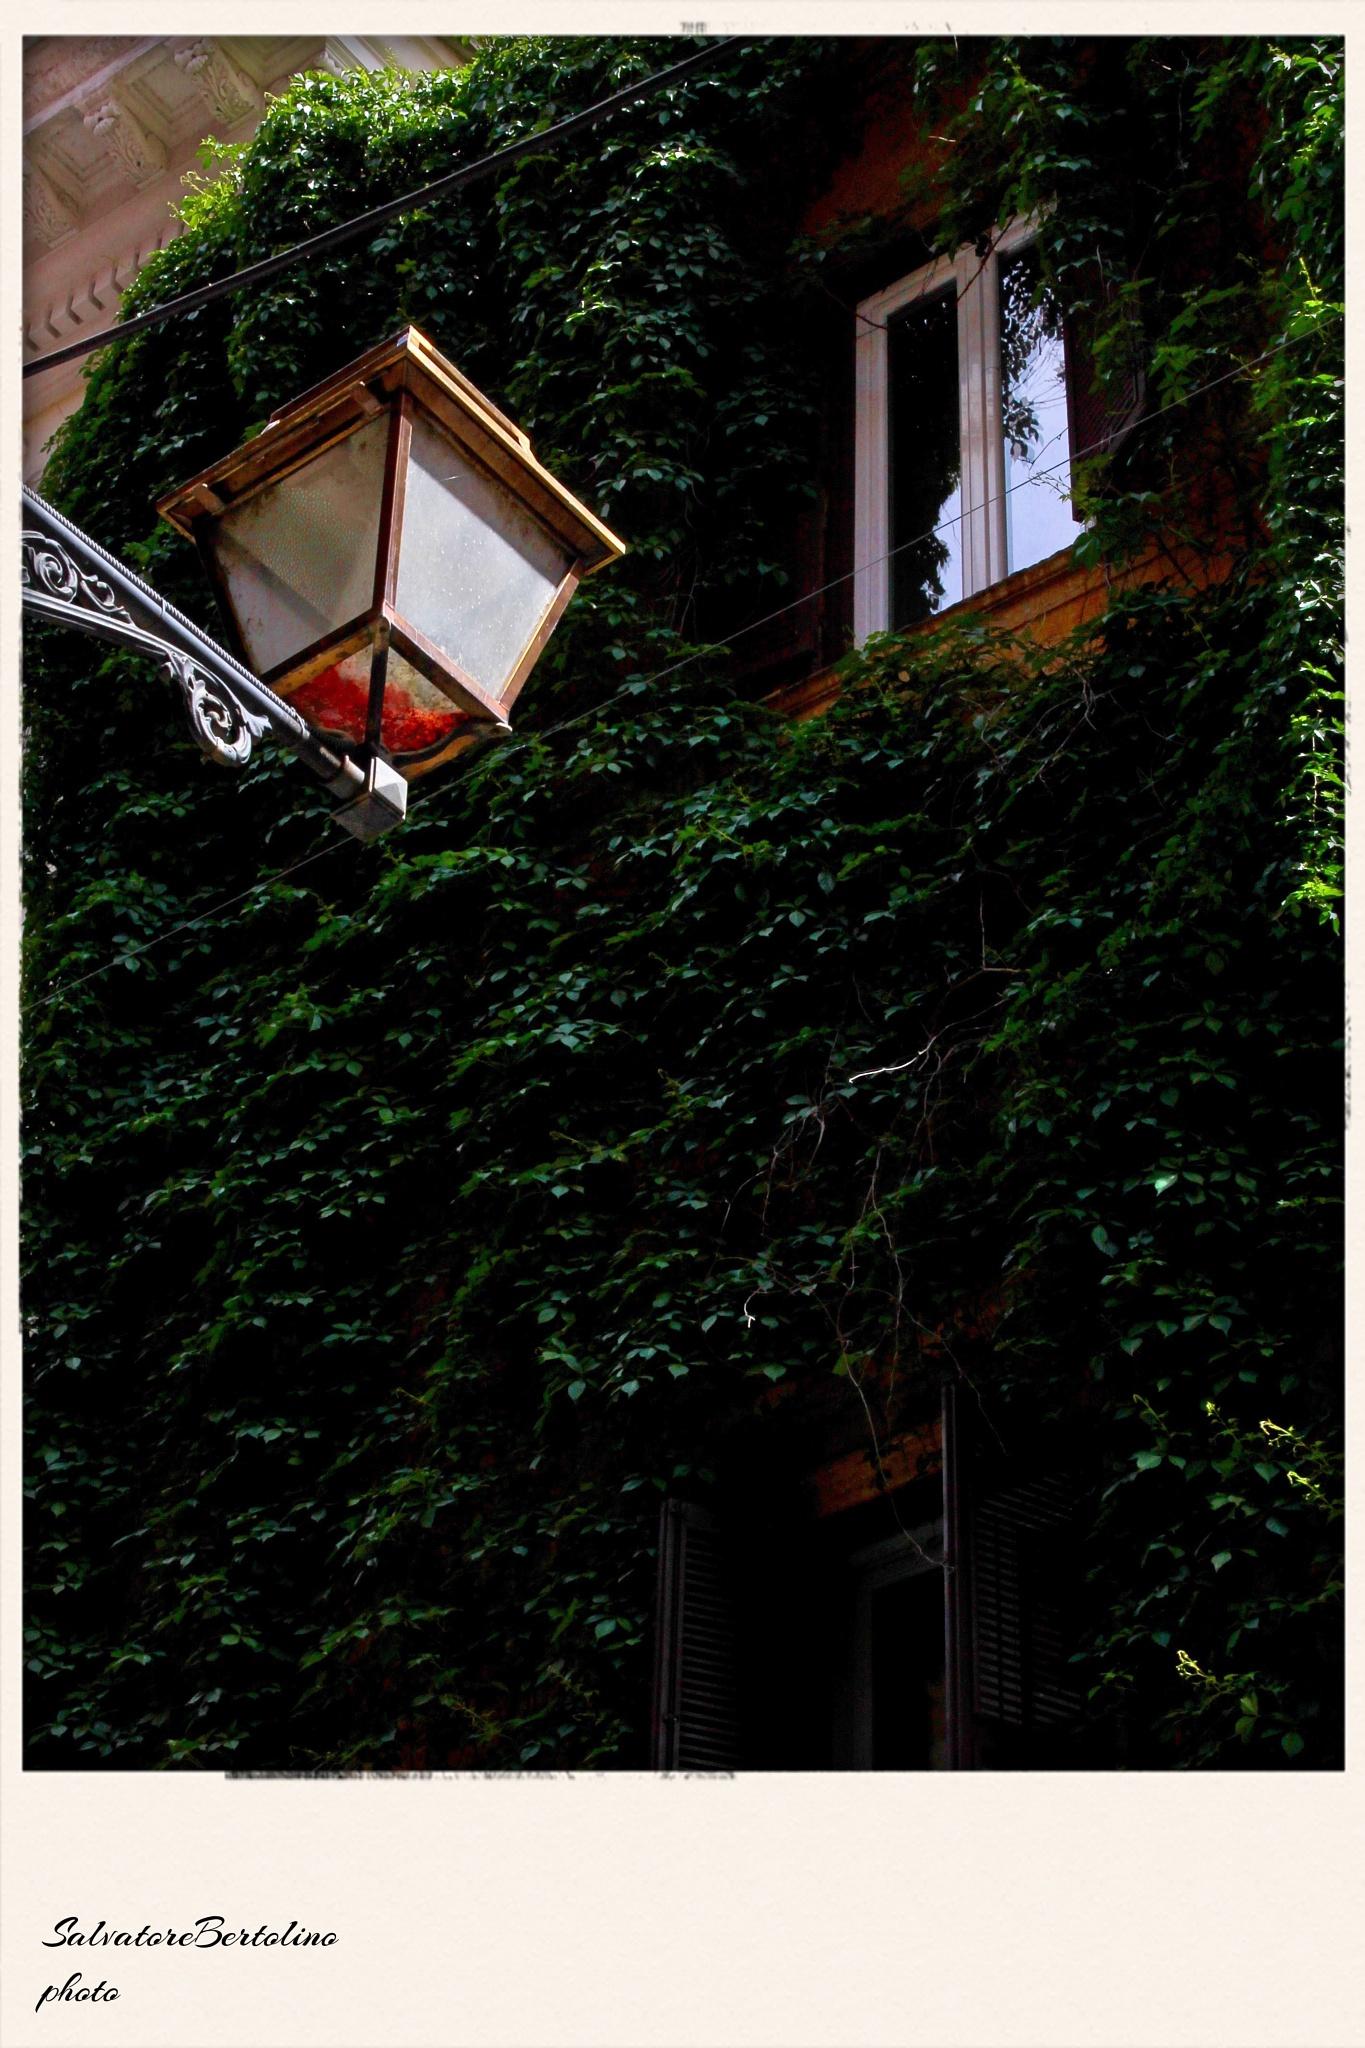 La finestra & la lanterna by Salvatore Bertolino